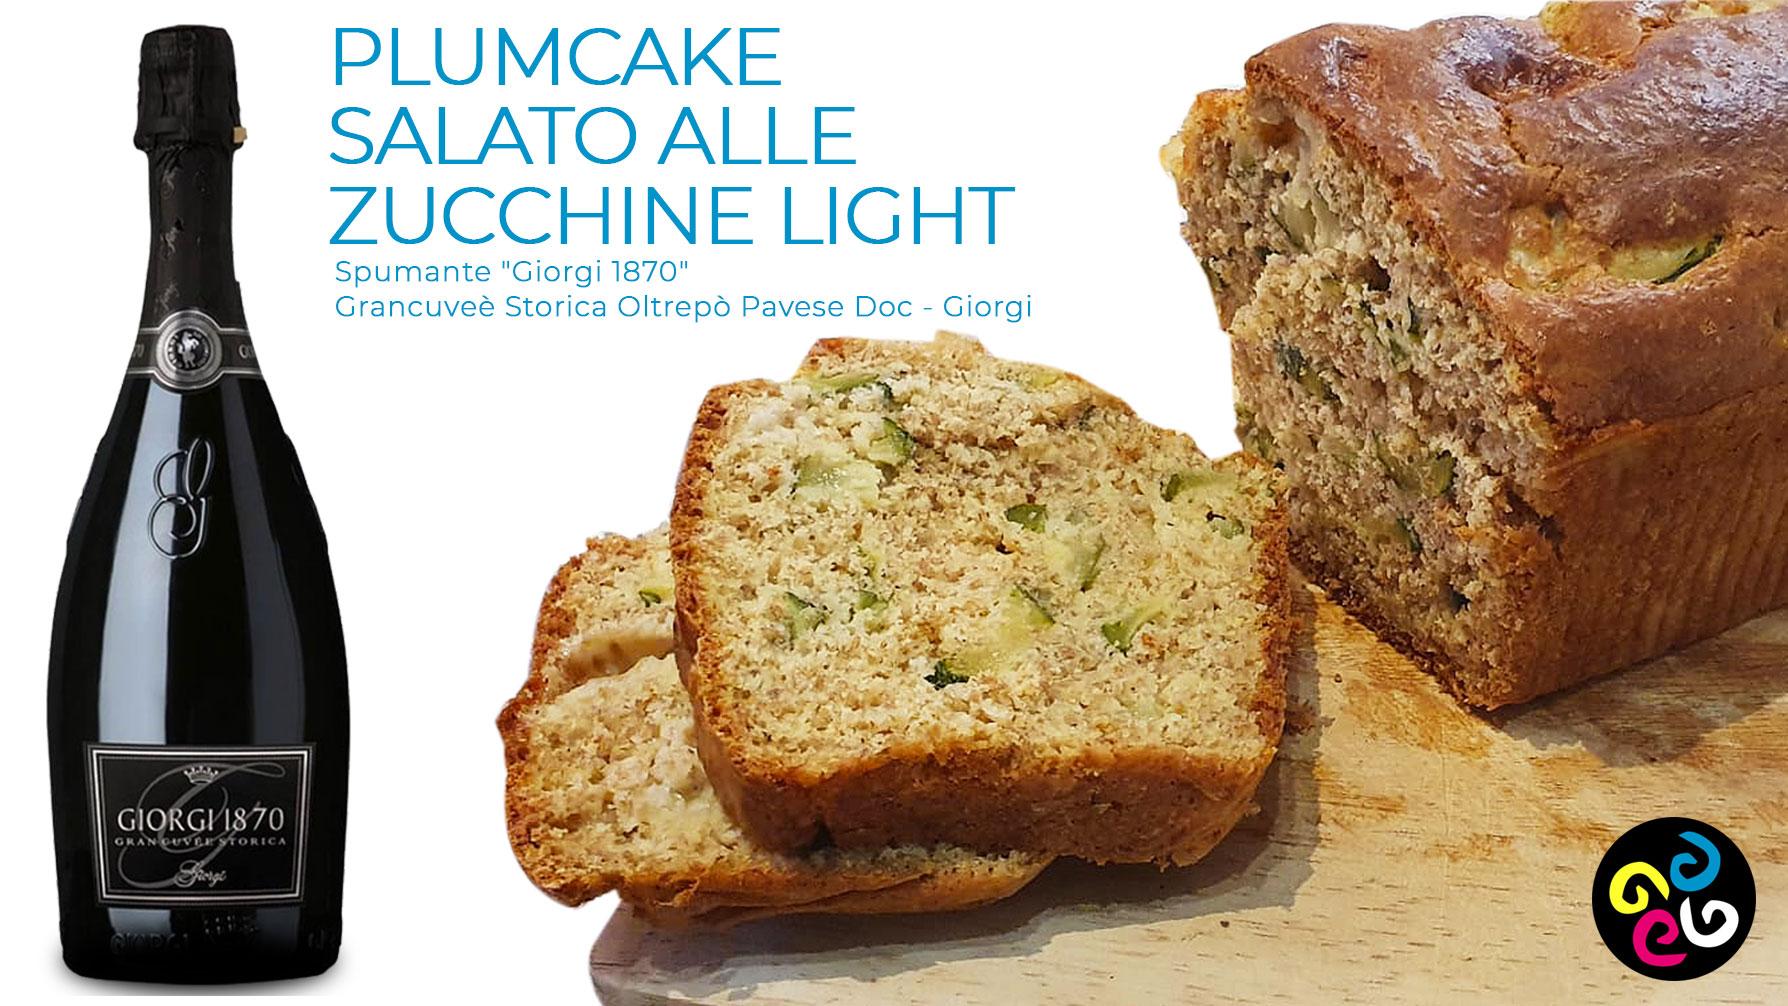 plumcake-alle-zucchine-light